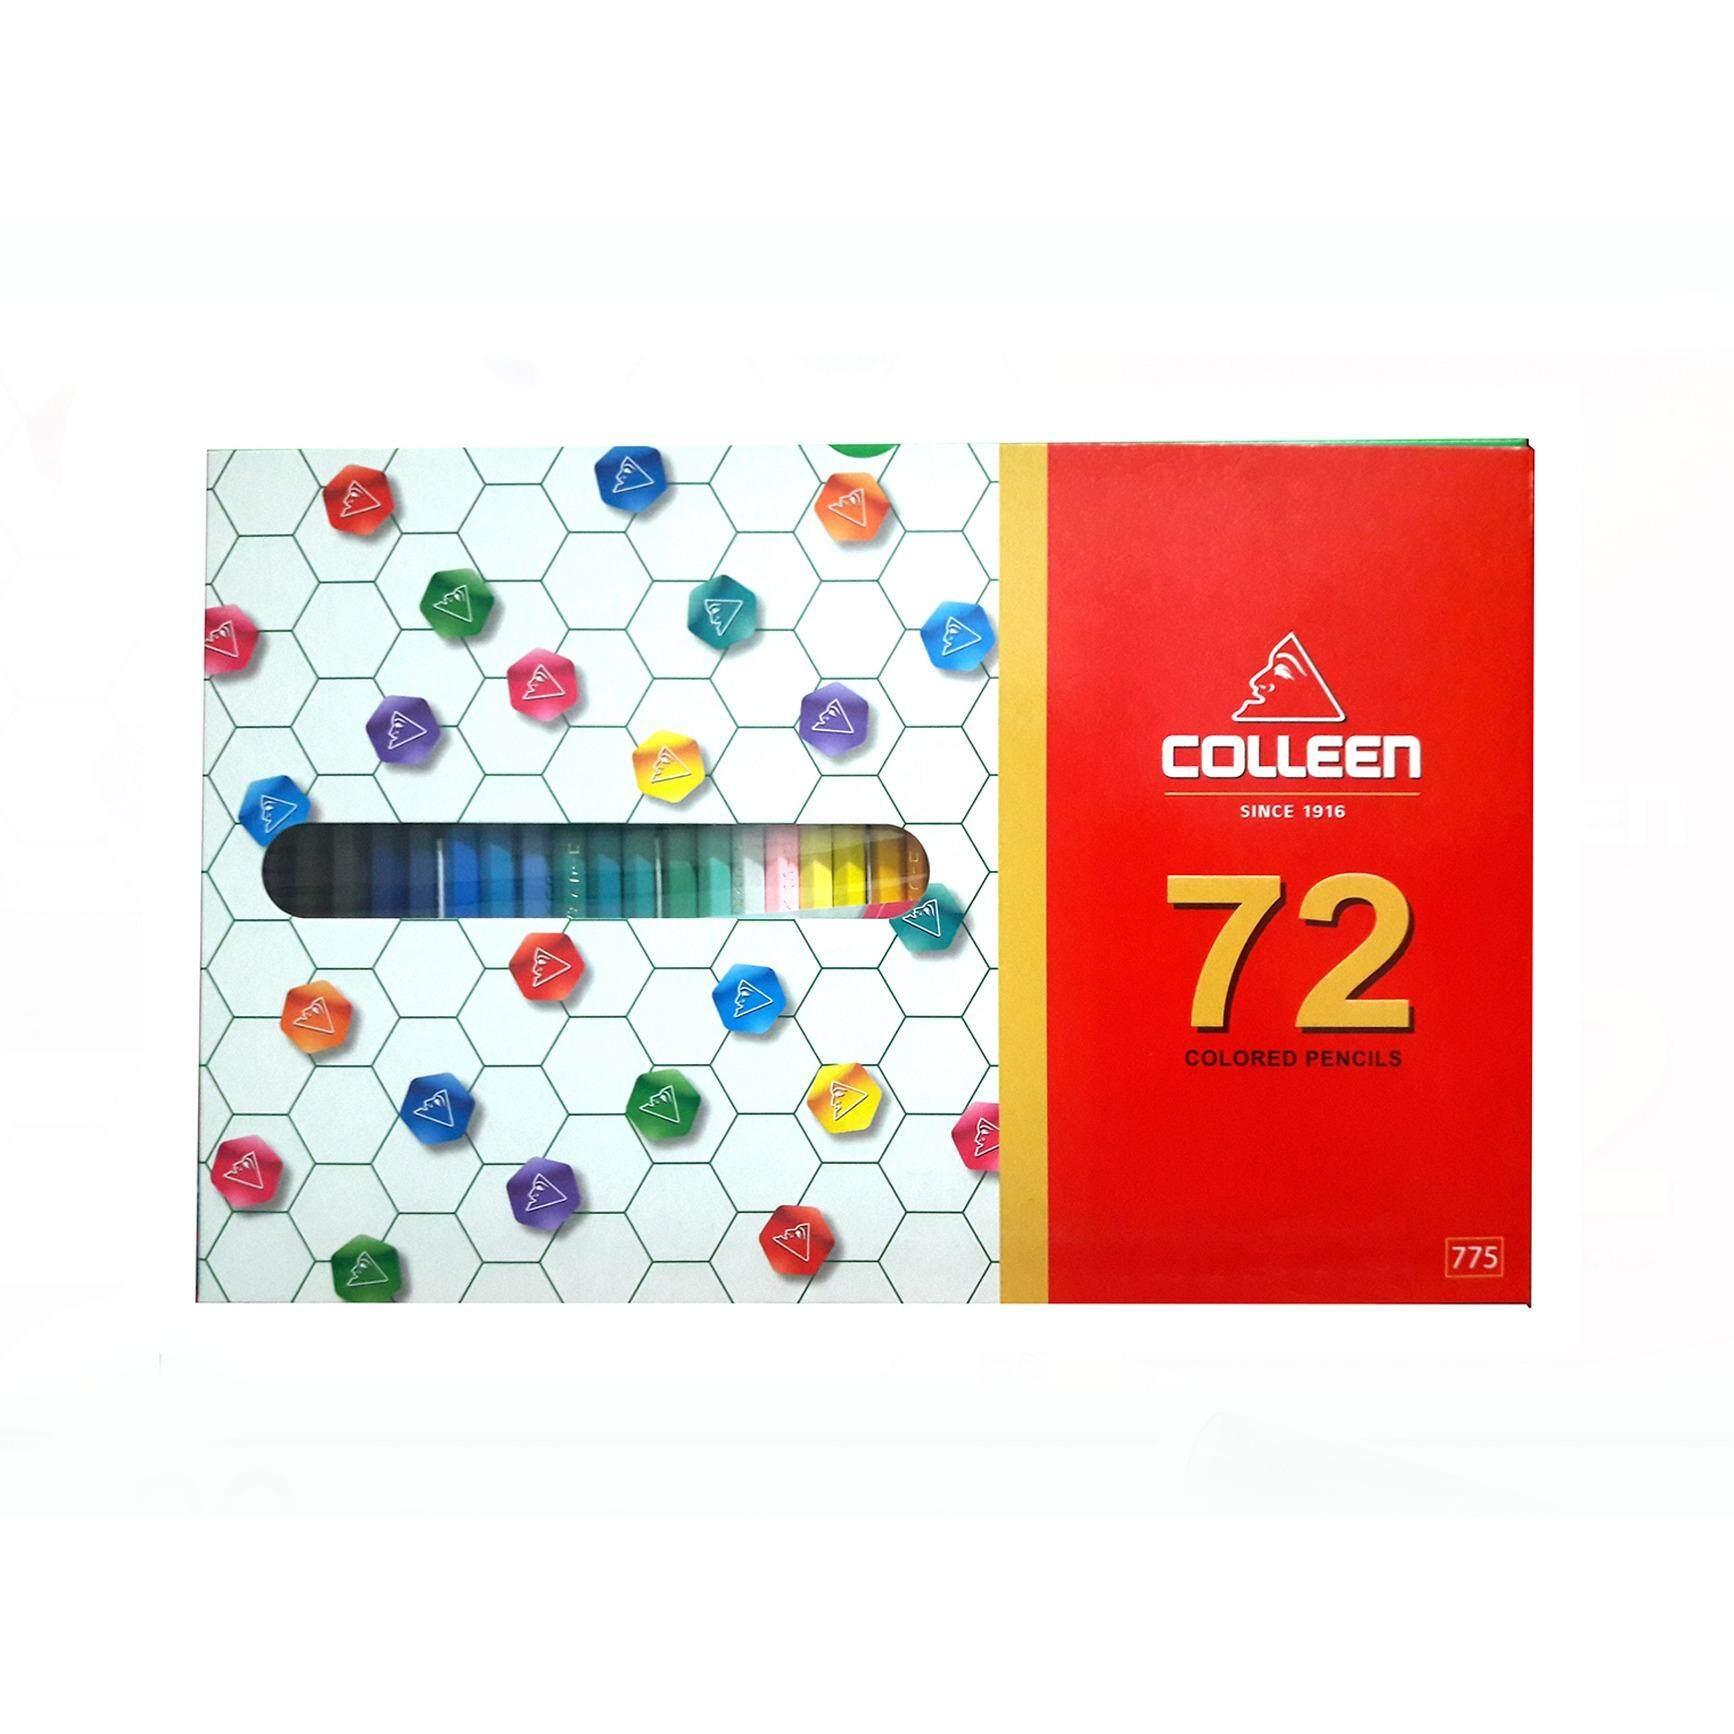 ราคา Colleen No 775 สีไม้คลอลีน 72 สี 72ด้าม ถูก